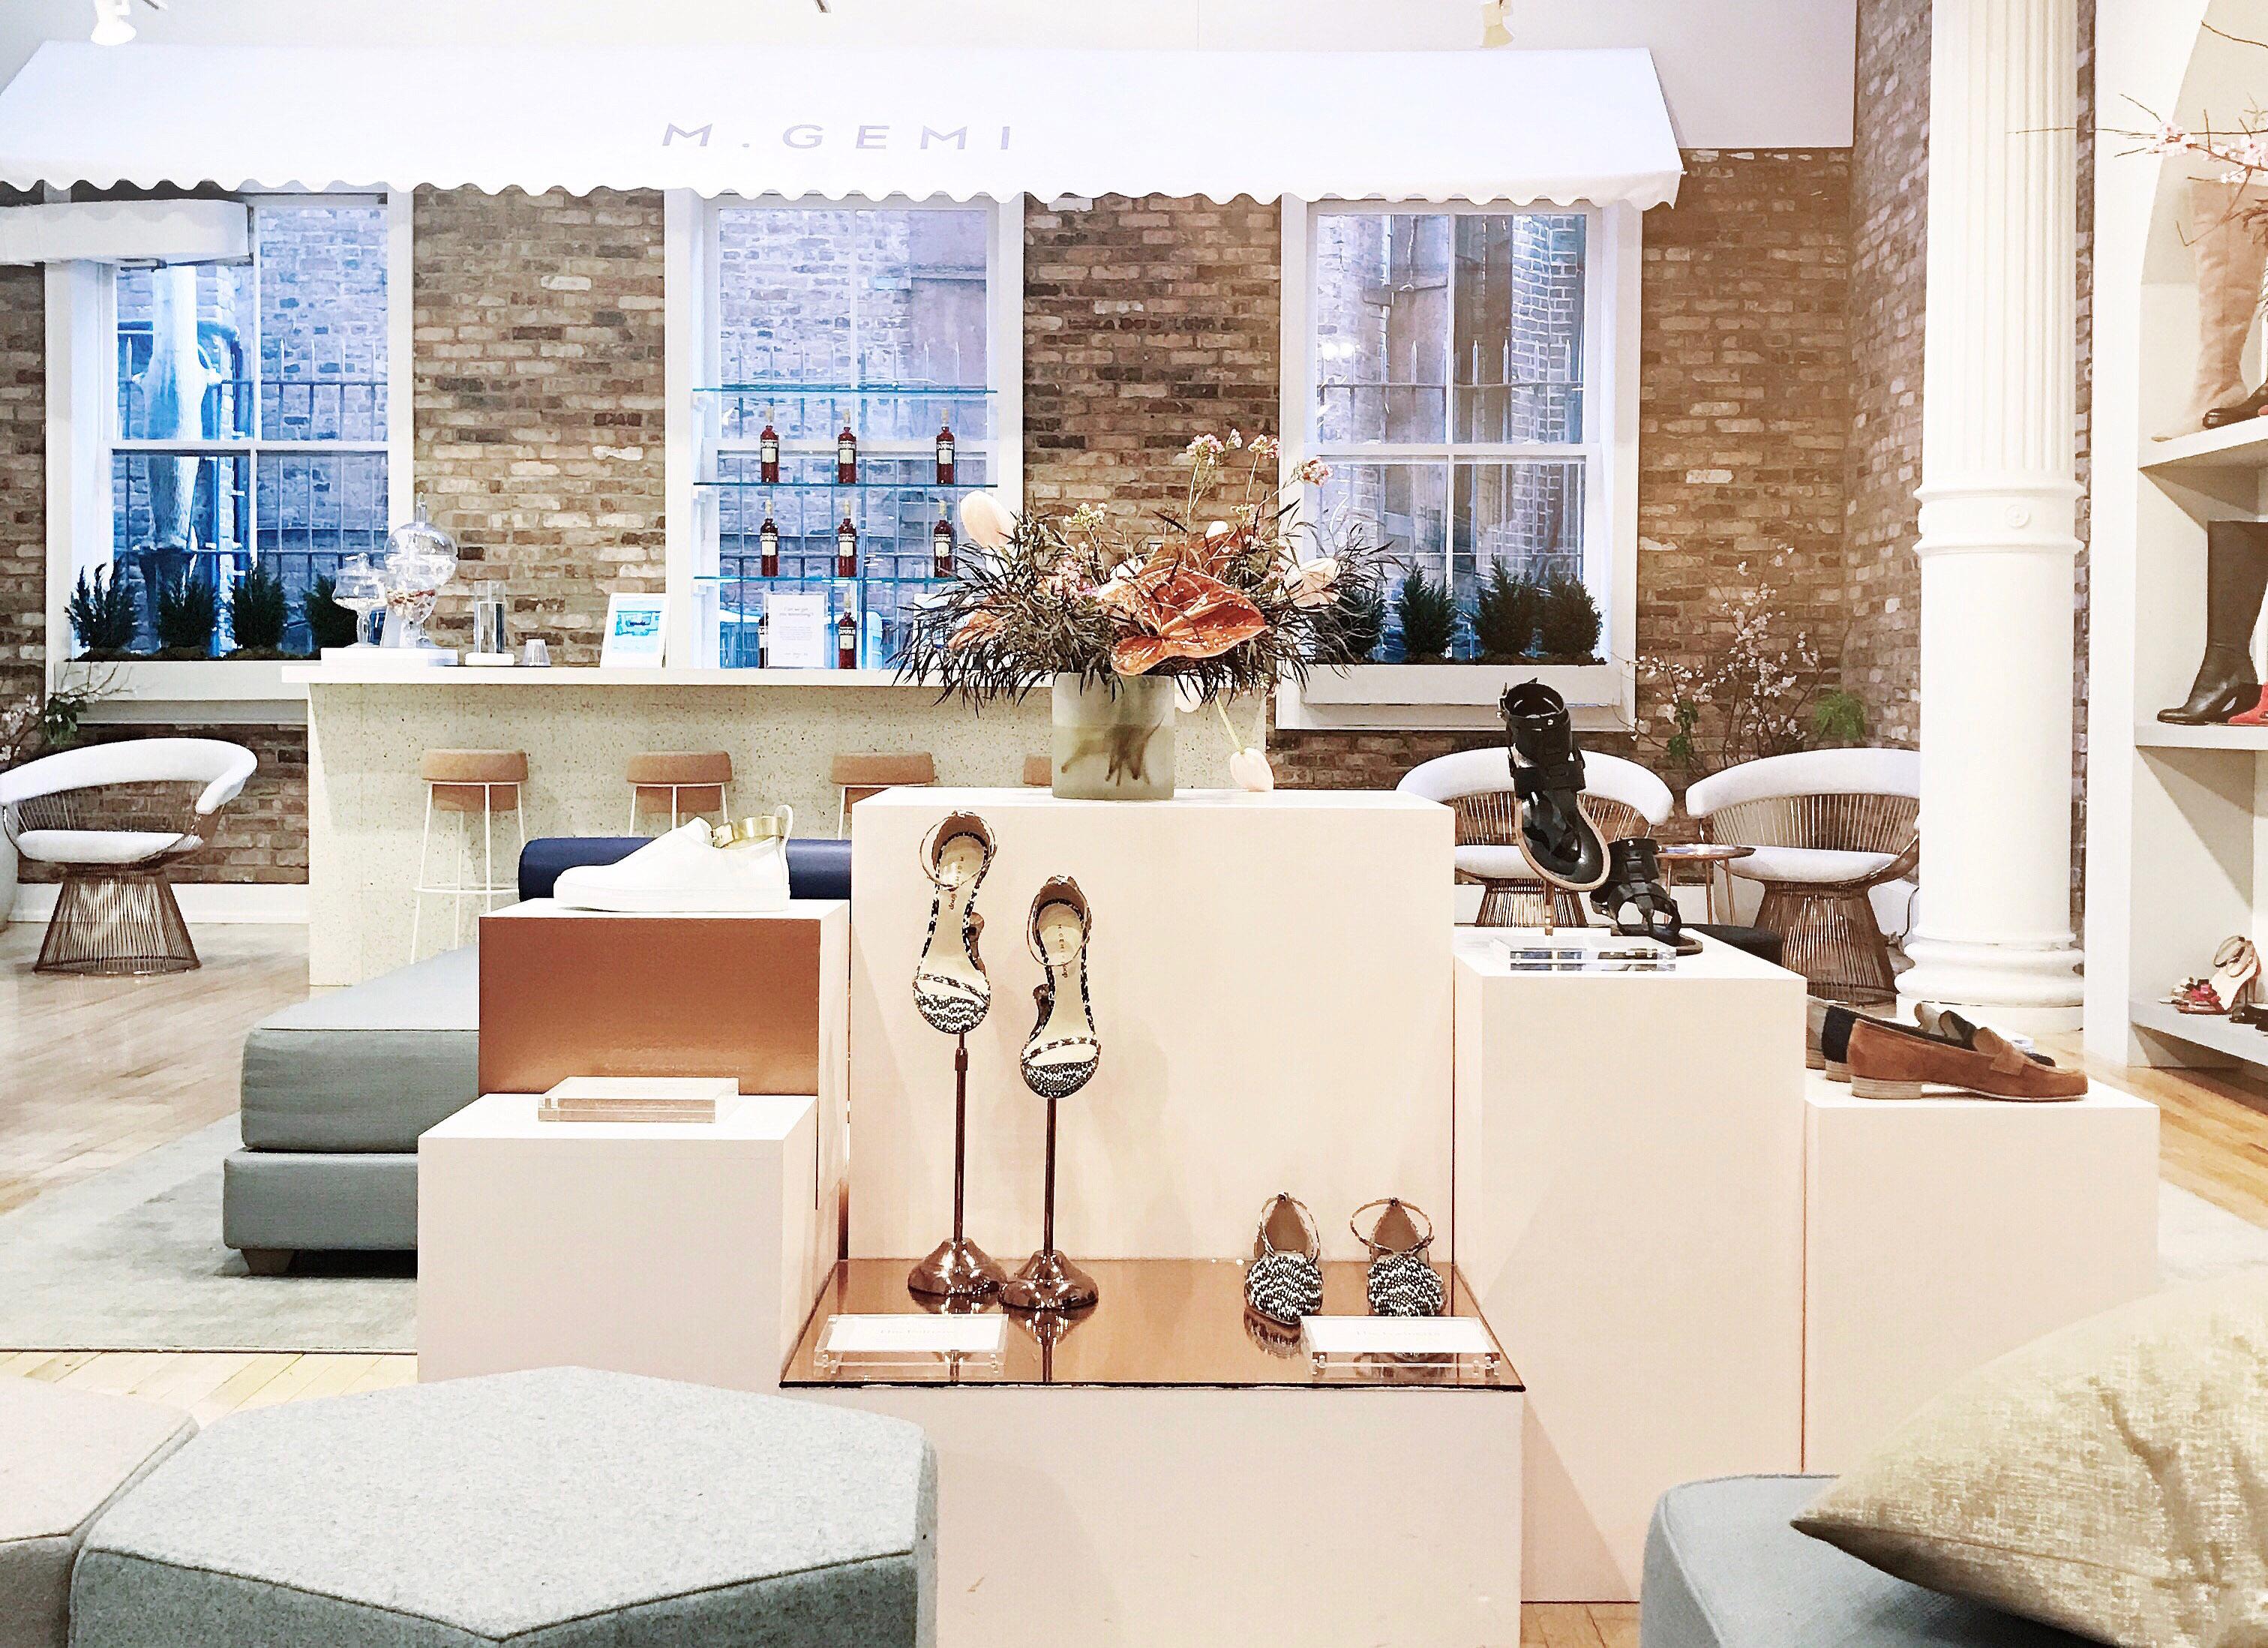 73e44b768e99 From clicks to bricks: Online shoe site M.Gemi to open Boston store ...